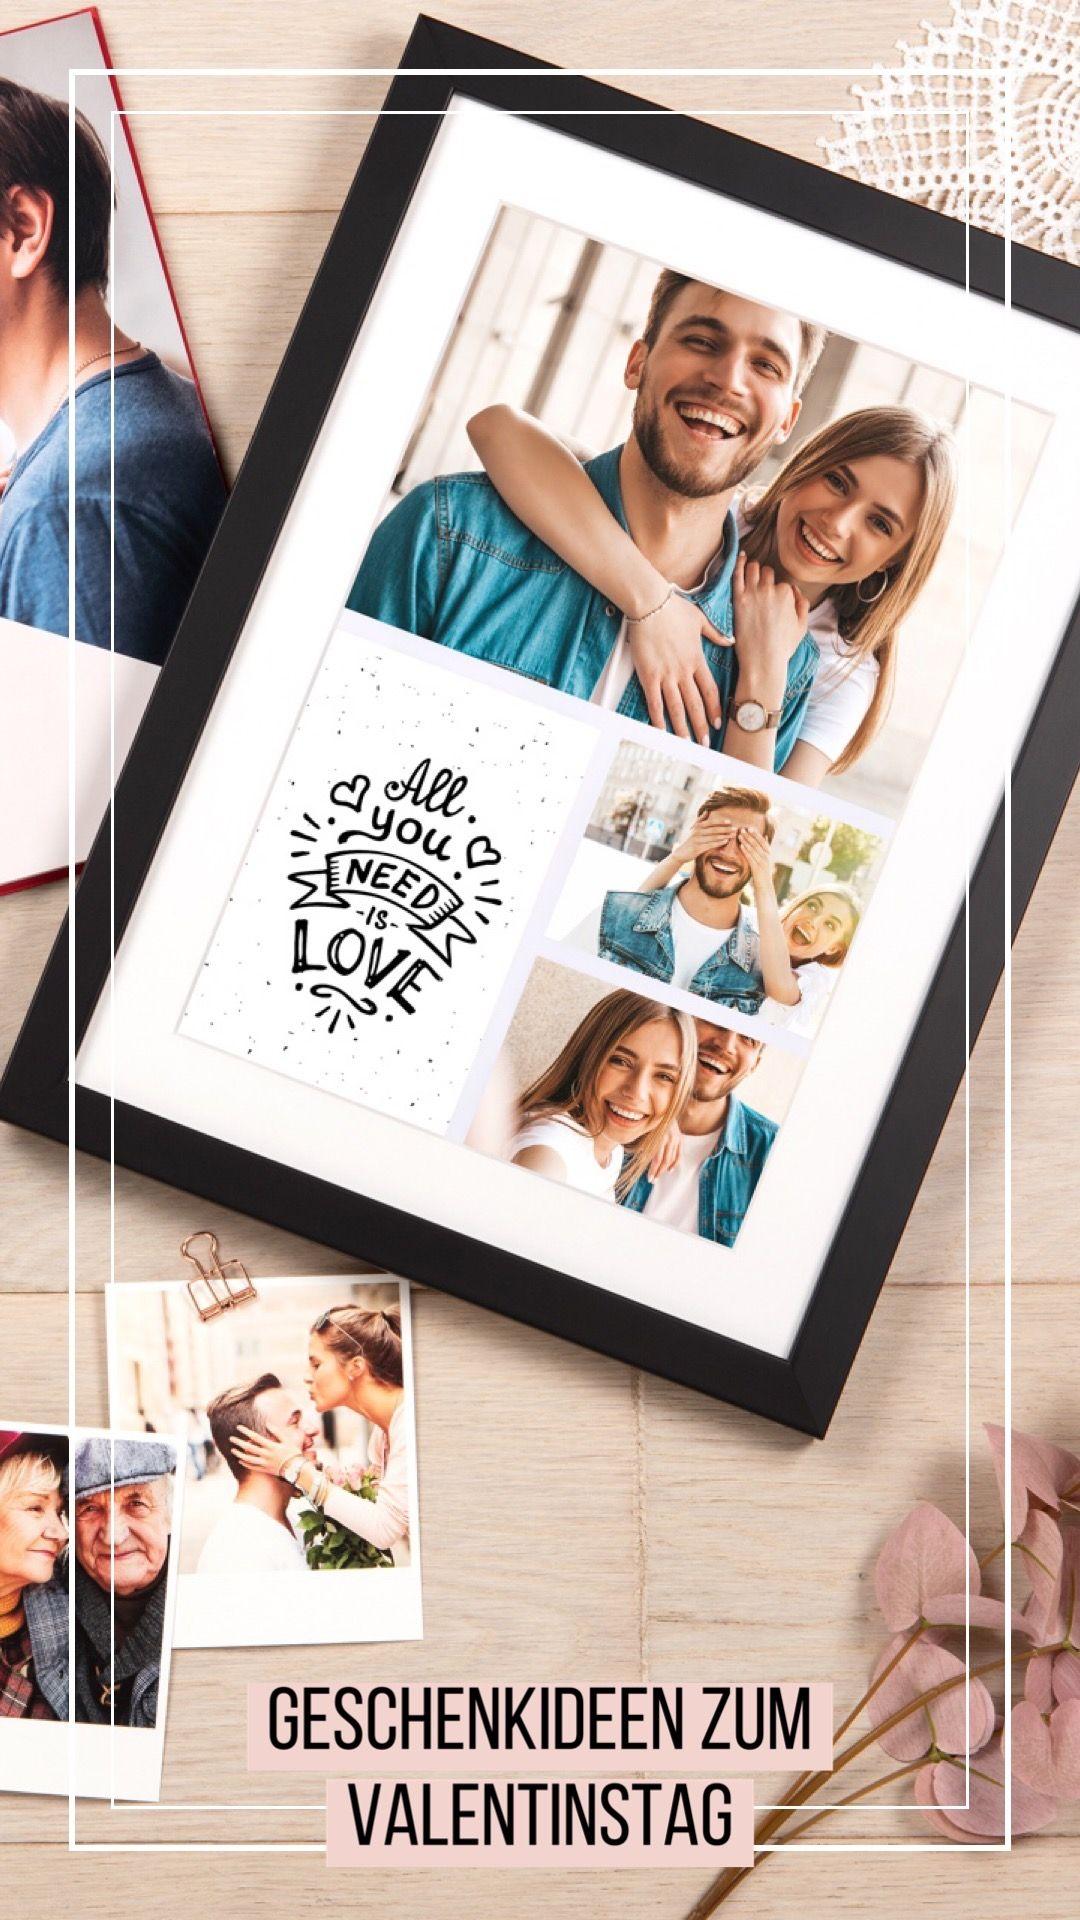 Bilder Collage Online : bilder, collage, online, Fotocollage, Erstellen, Collage, Online, Gestalten, Myposter, Geschenke,, Erstellen,, Fotogeschenke